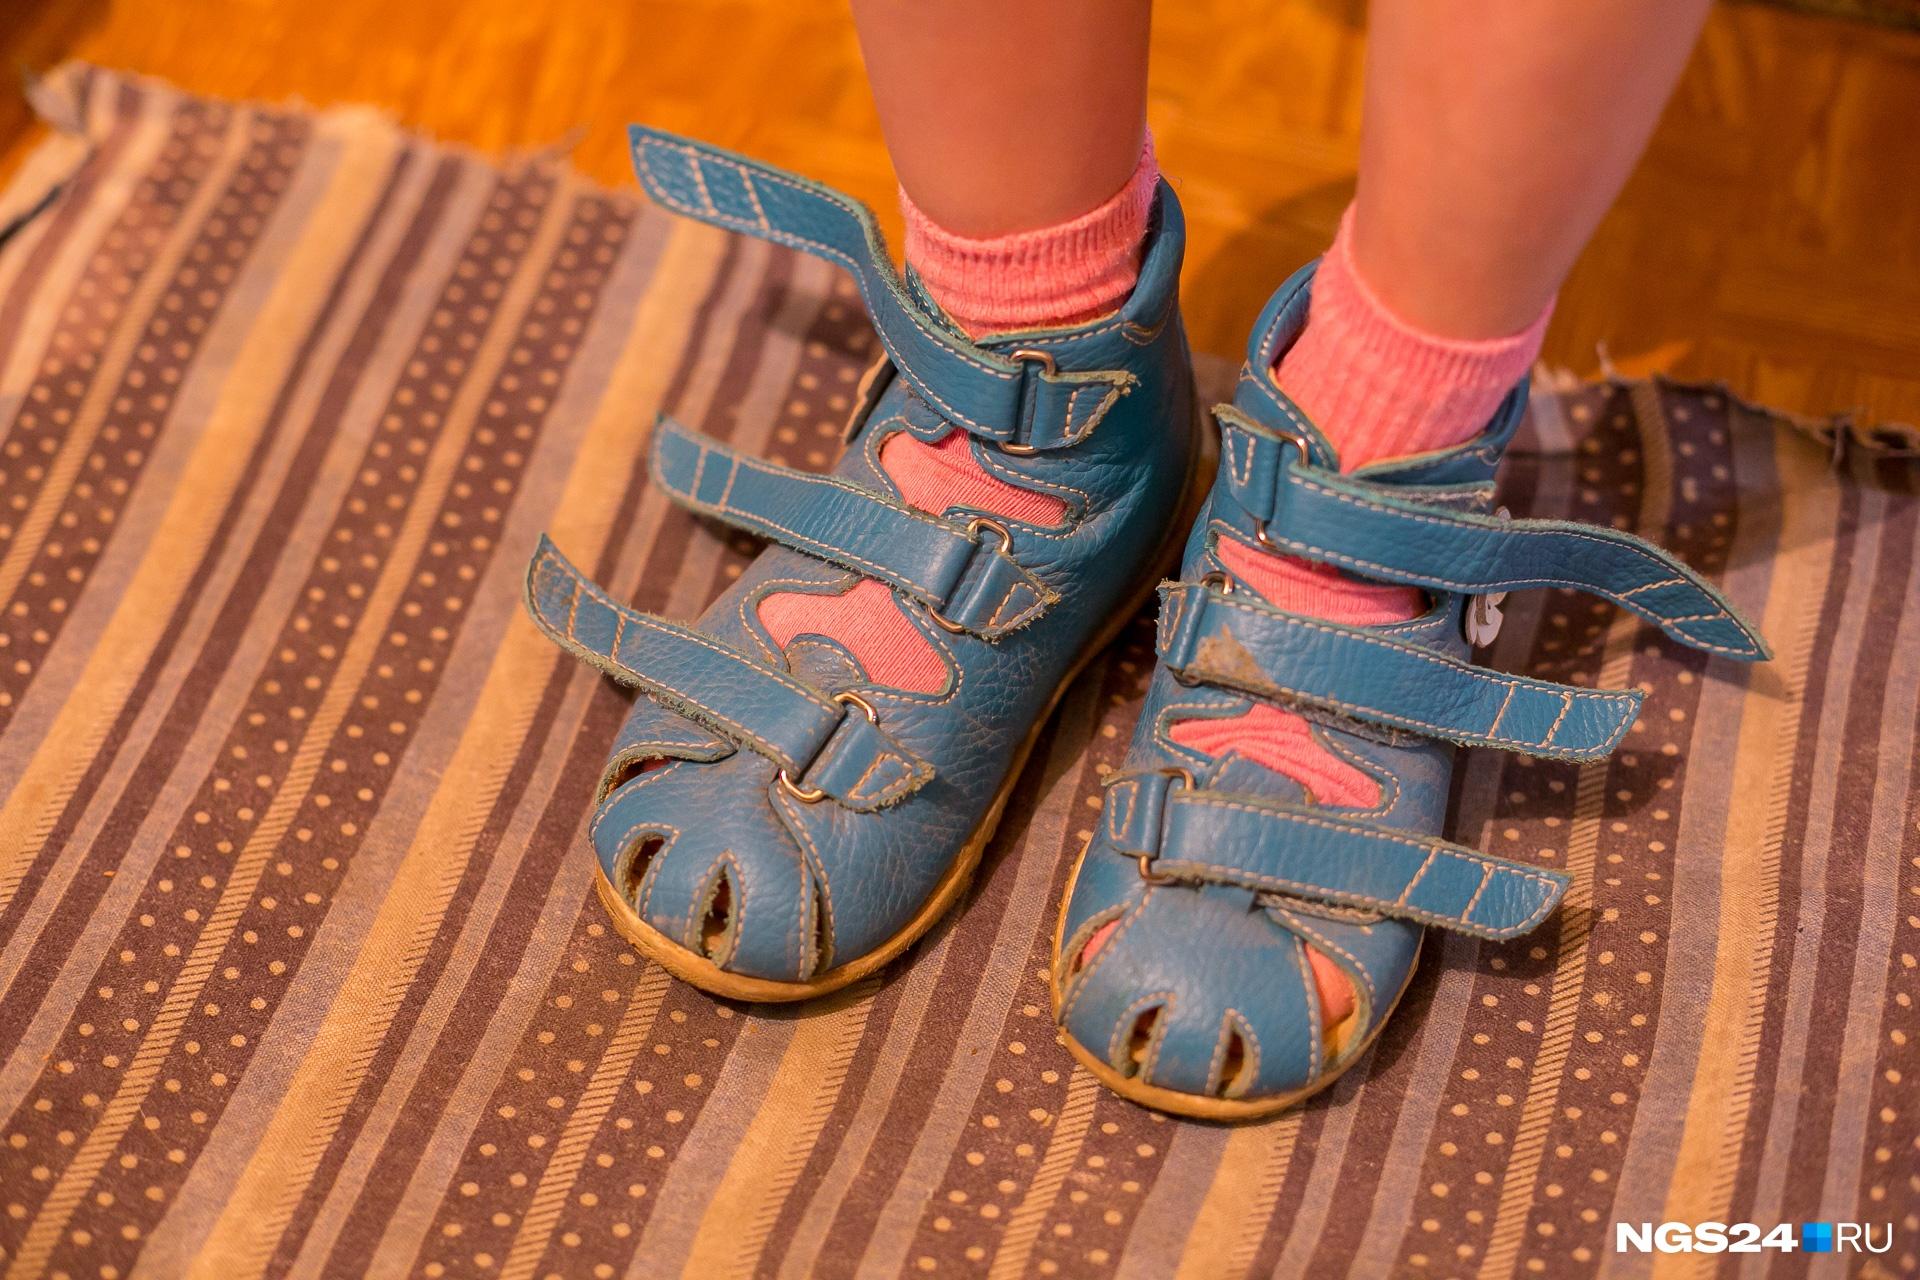 Такие сандалии жутко дорогие, девочка еще растет и поэтому менять их приходится каждый сезон